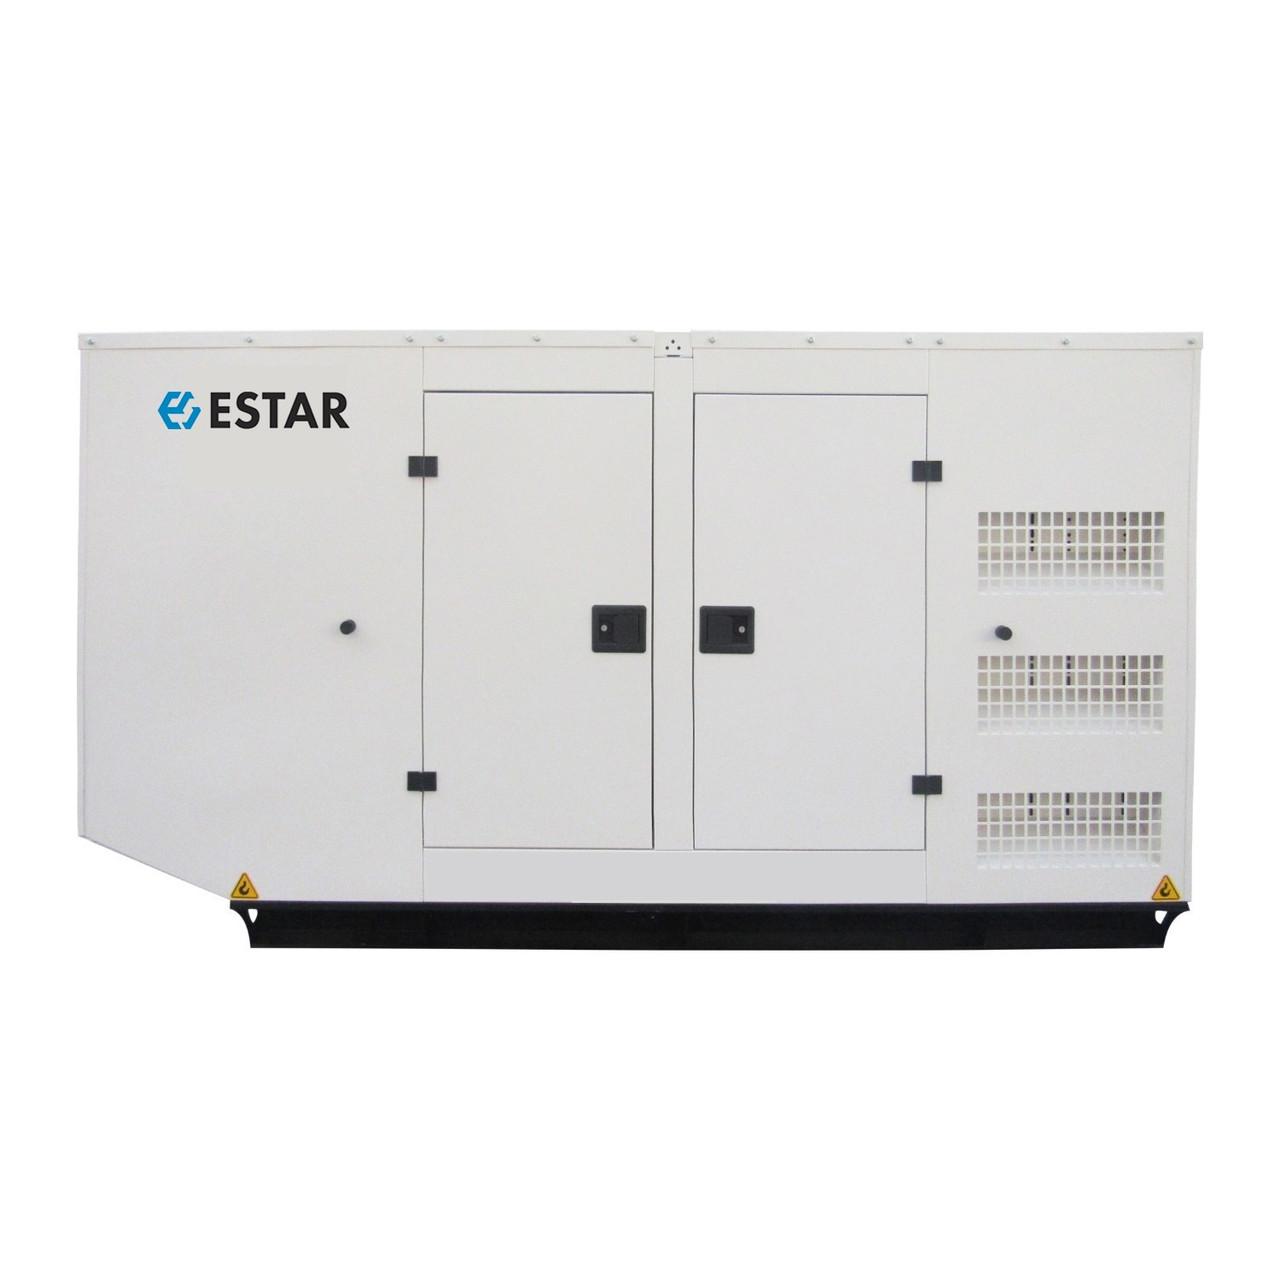 ⚡ESTAR ES400-RSA (320 кВт) + АВР (підігрів і автоматичний запуск)